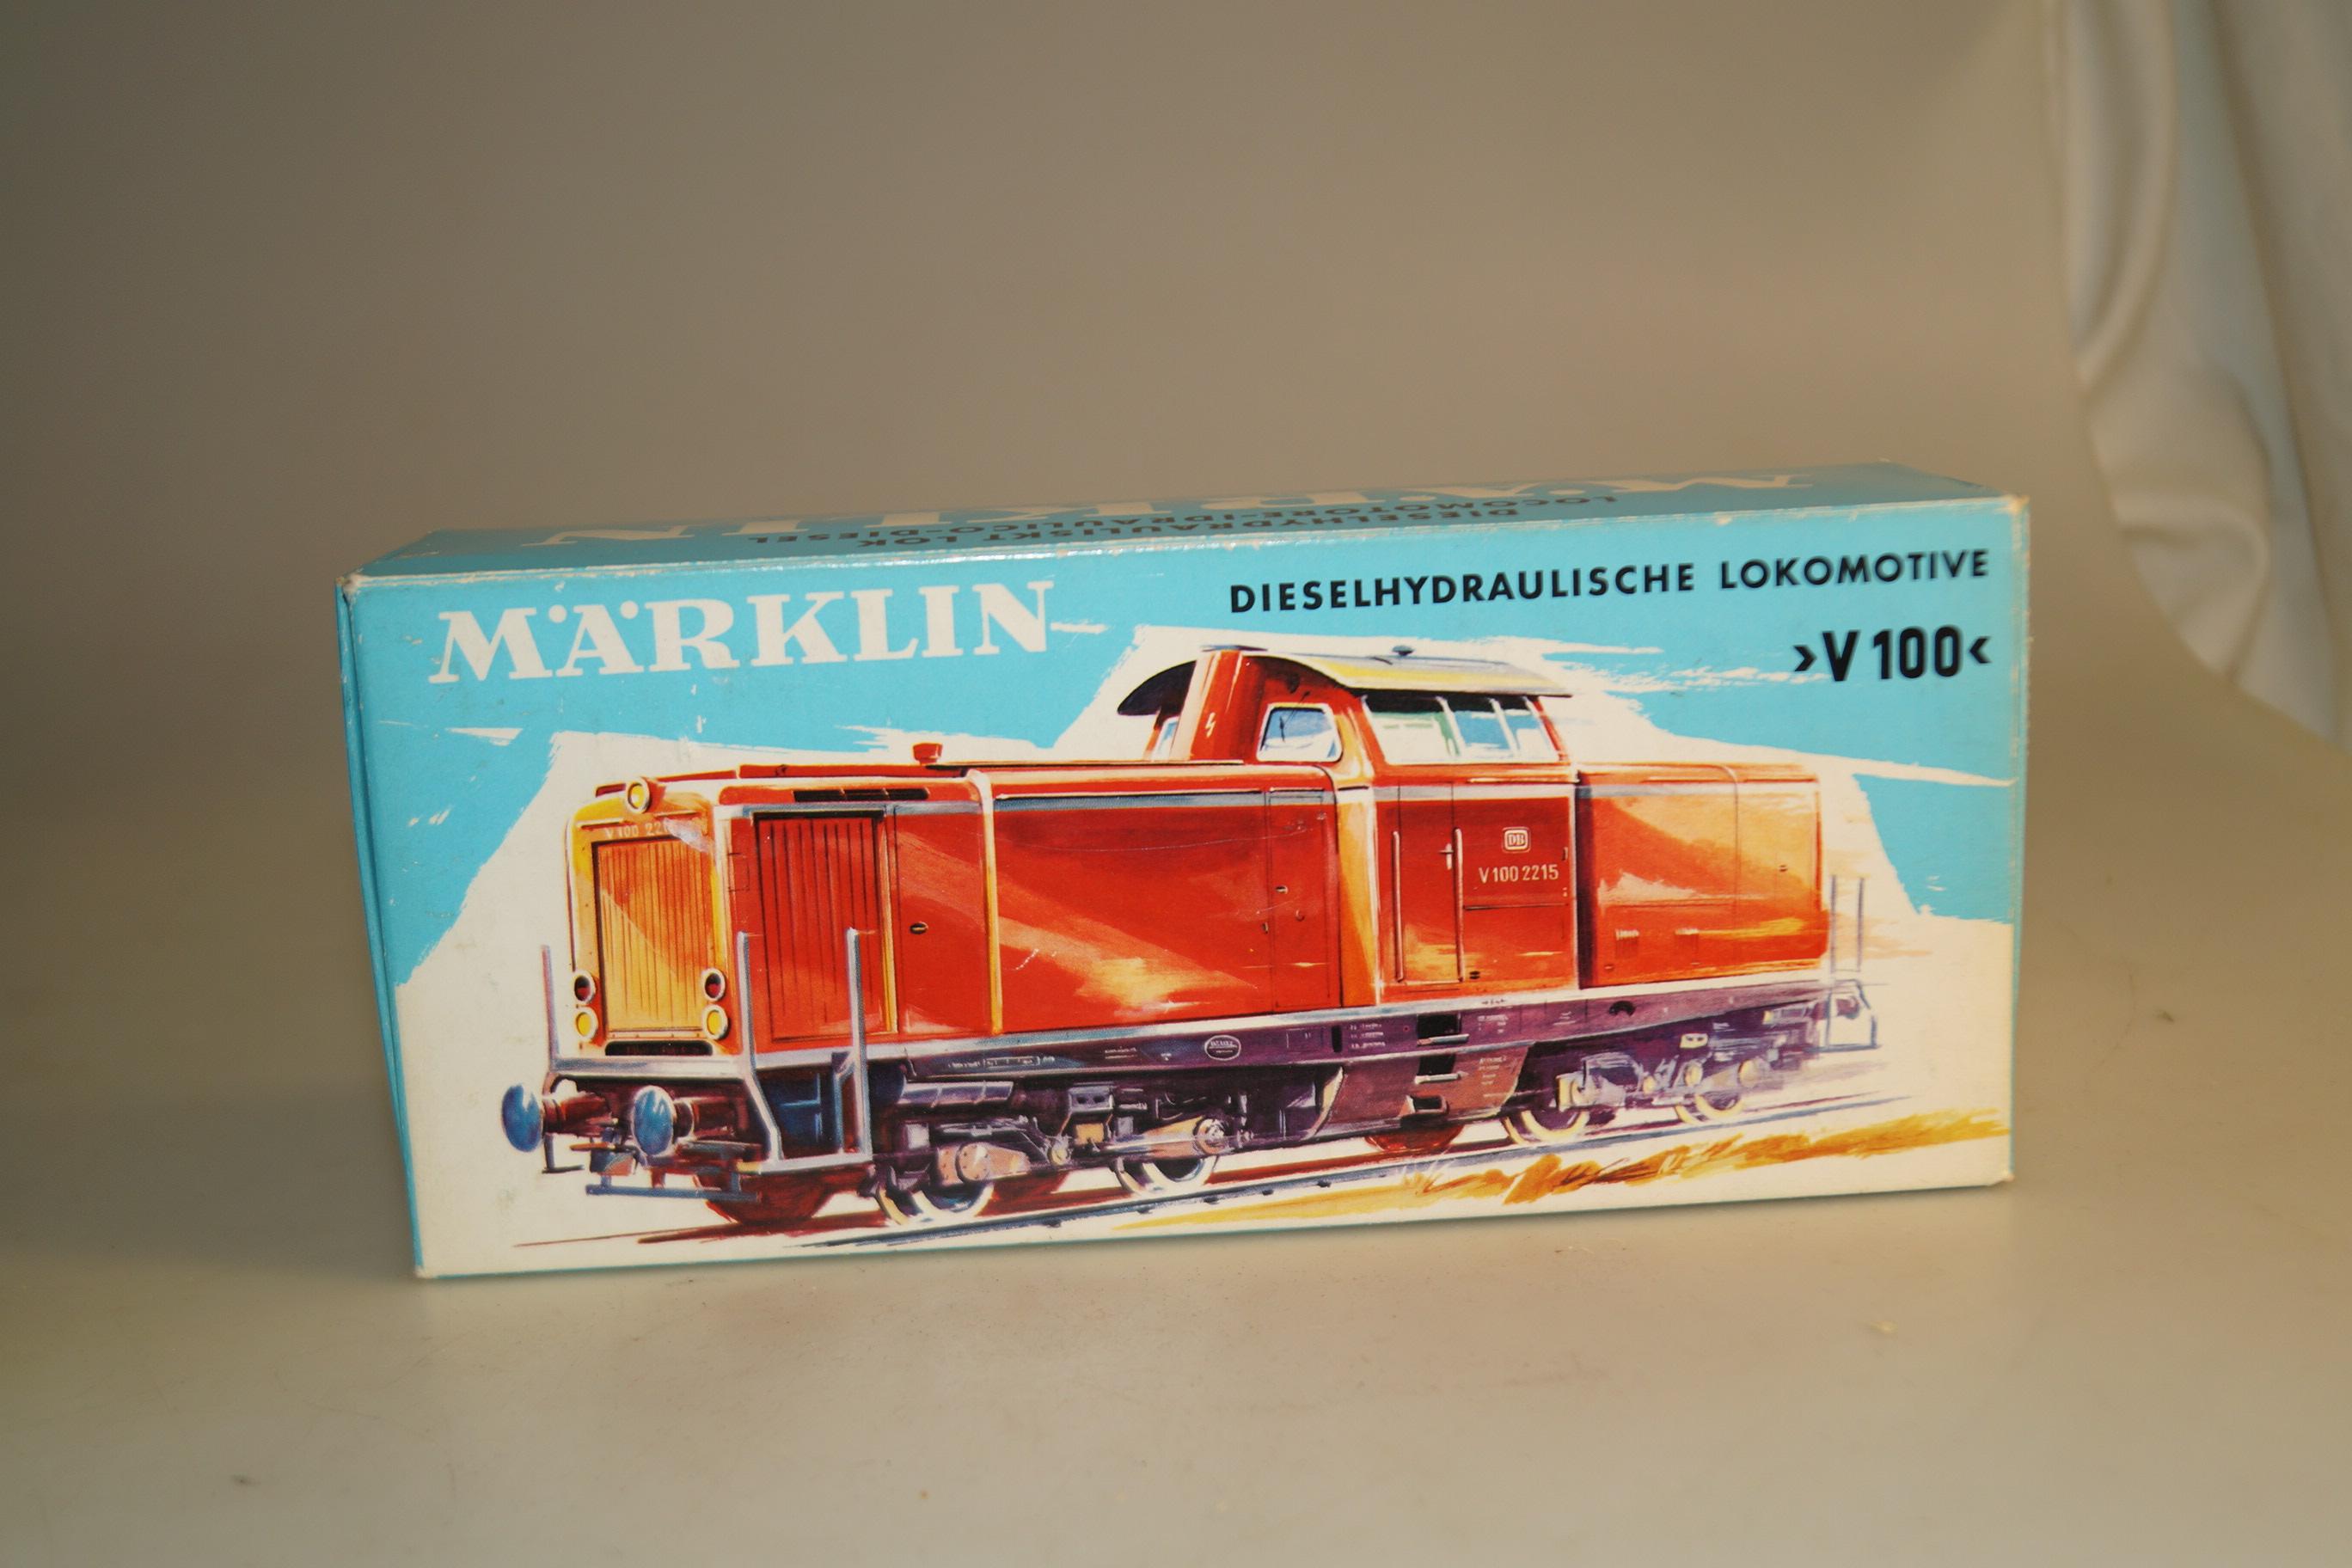 UU298 HERPA Audi A3 Sportback BRK OVP 1:87